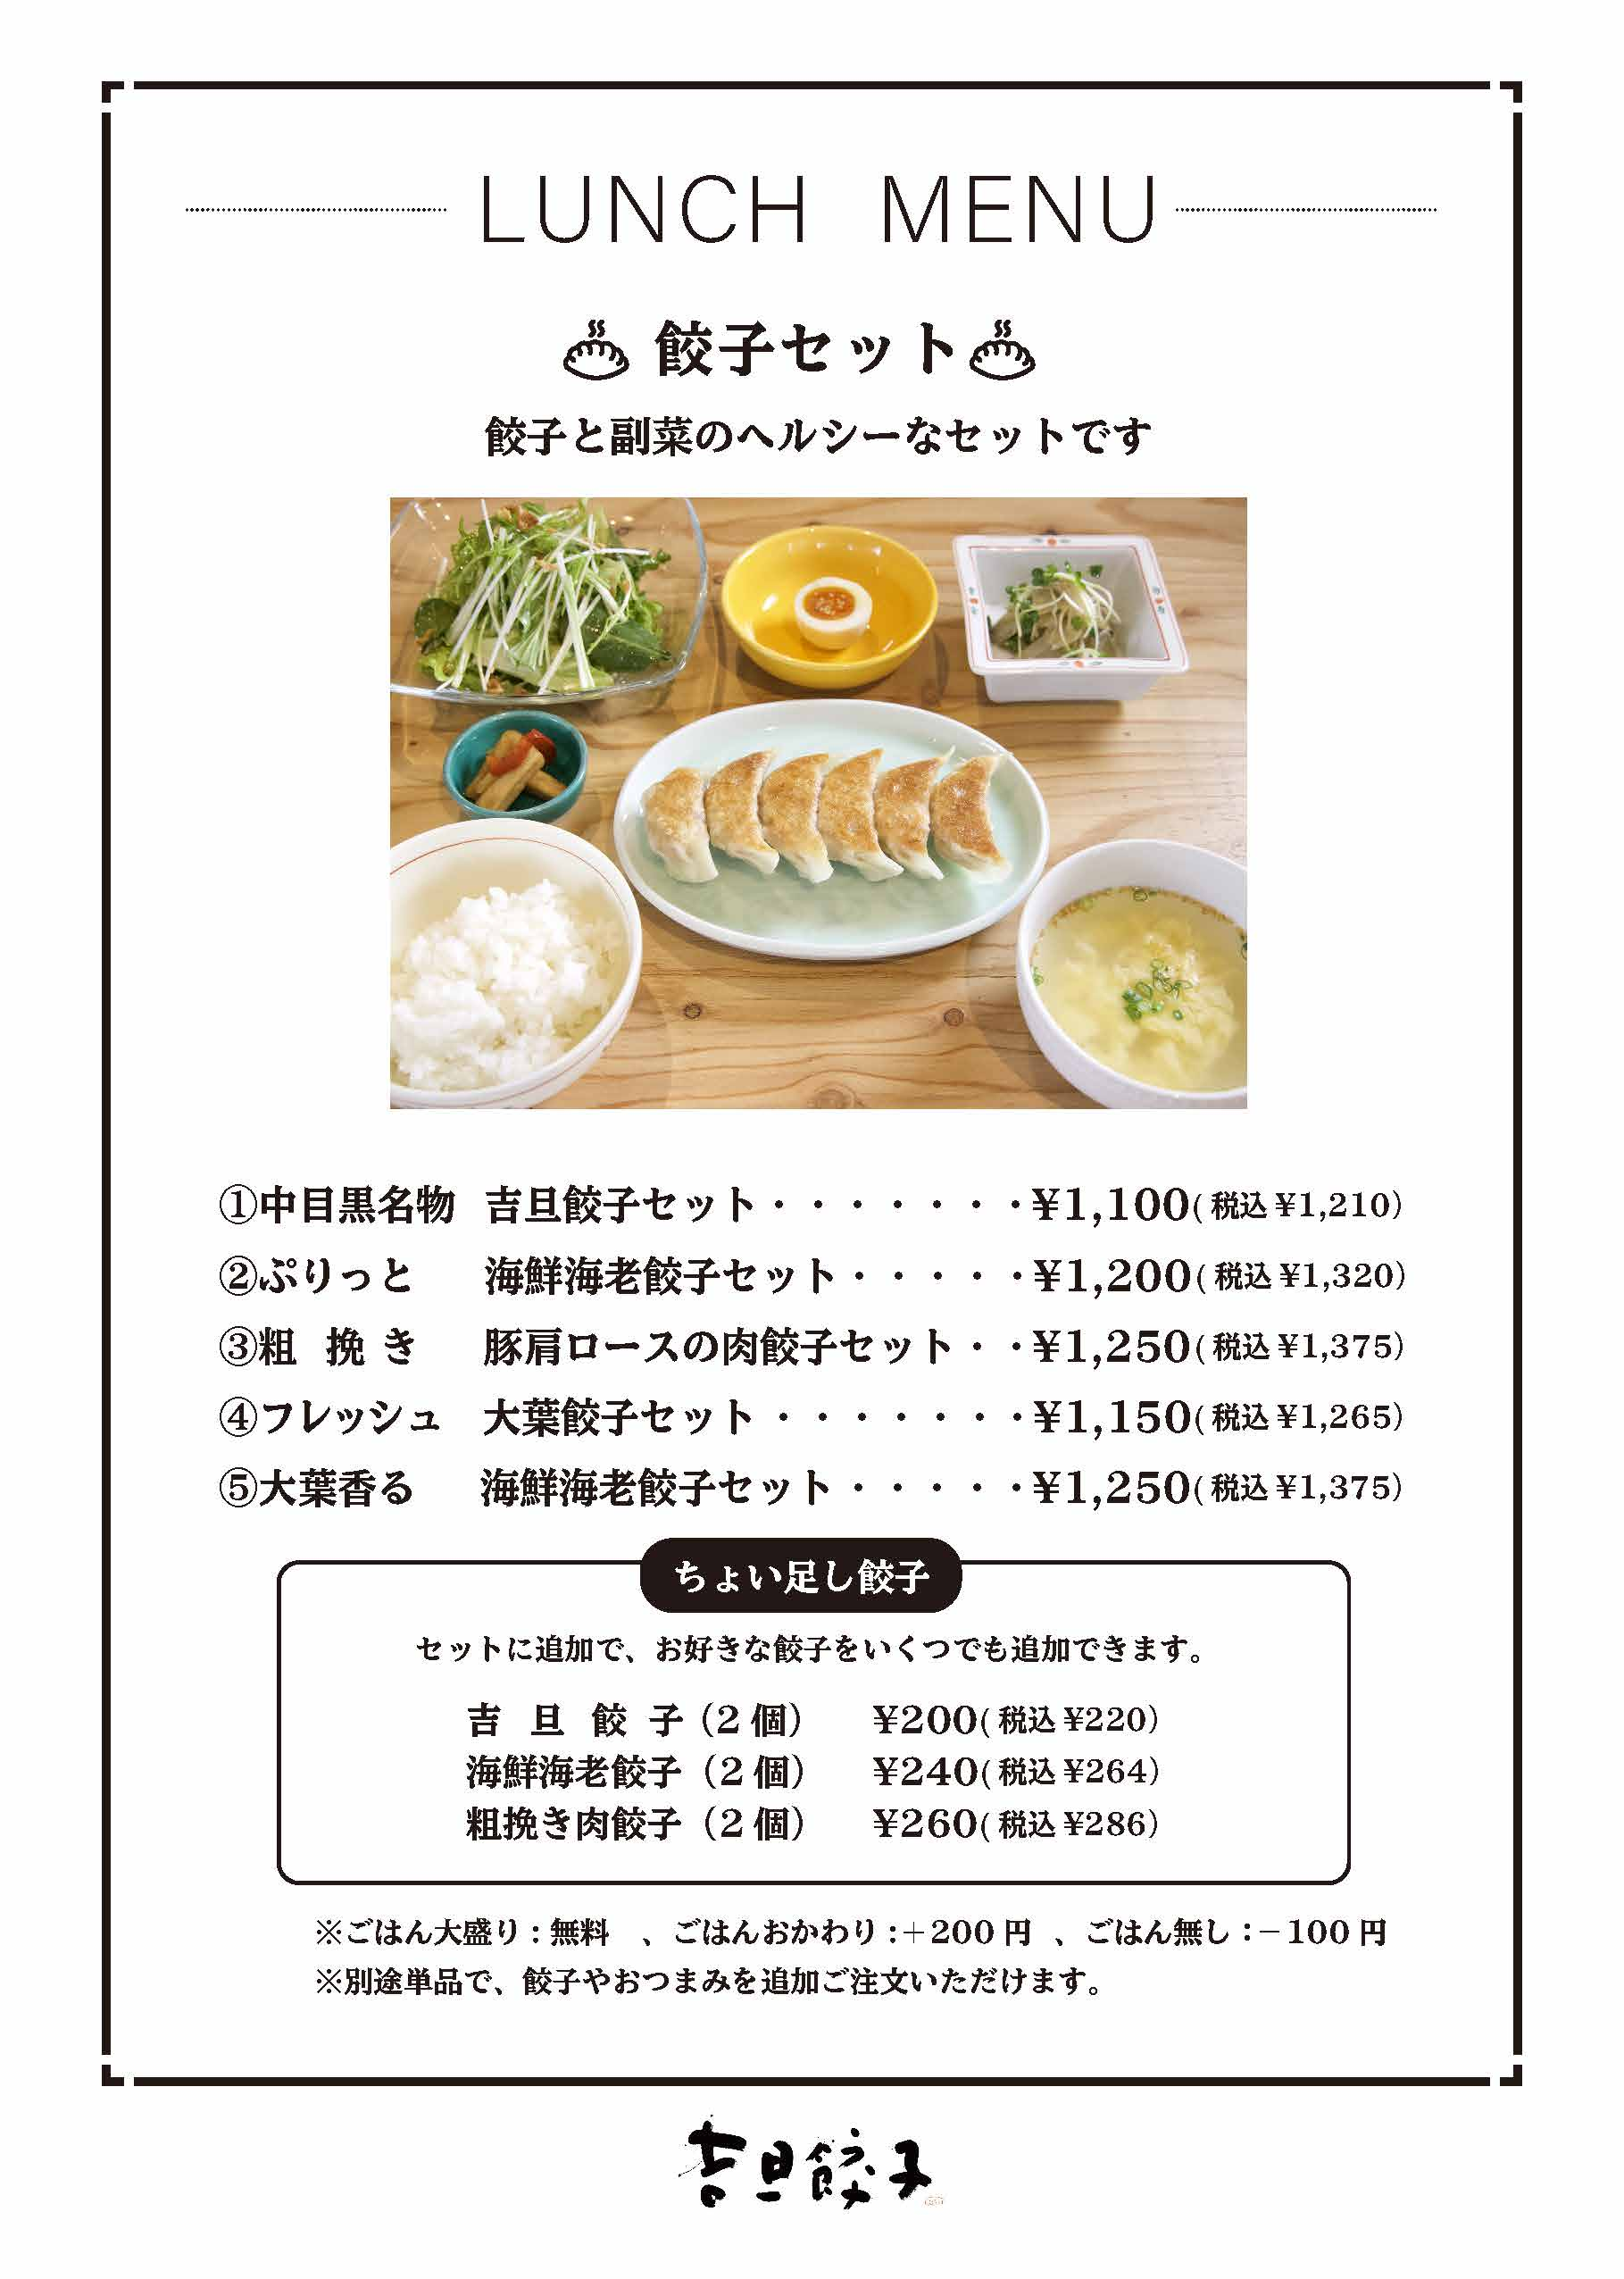 中目黒 吉旦餃子 ランチ 餃子メニュー